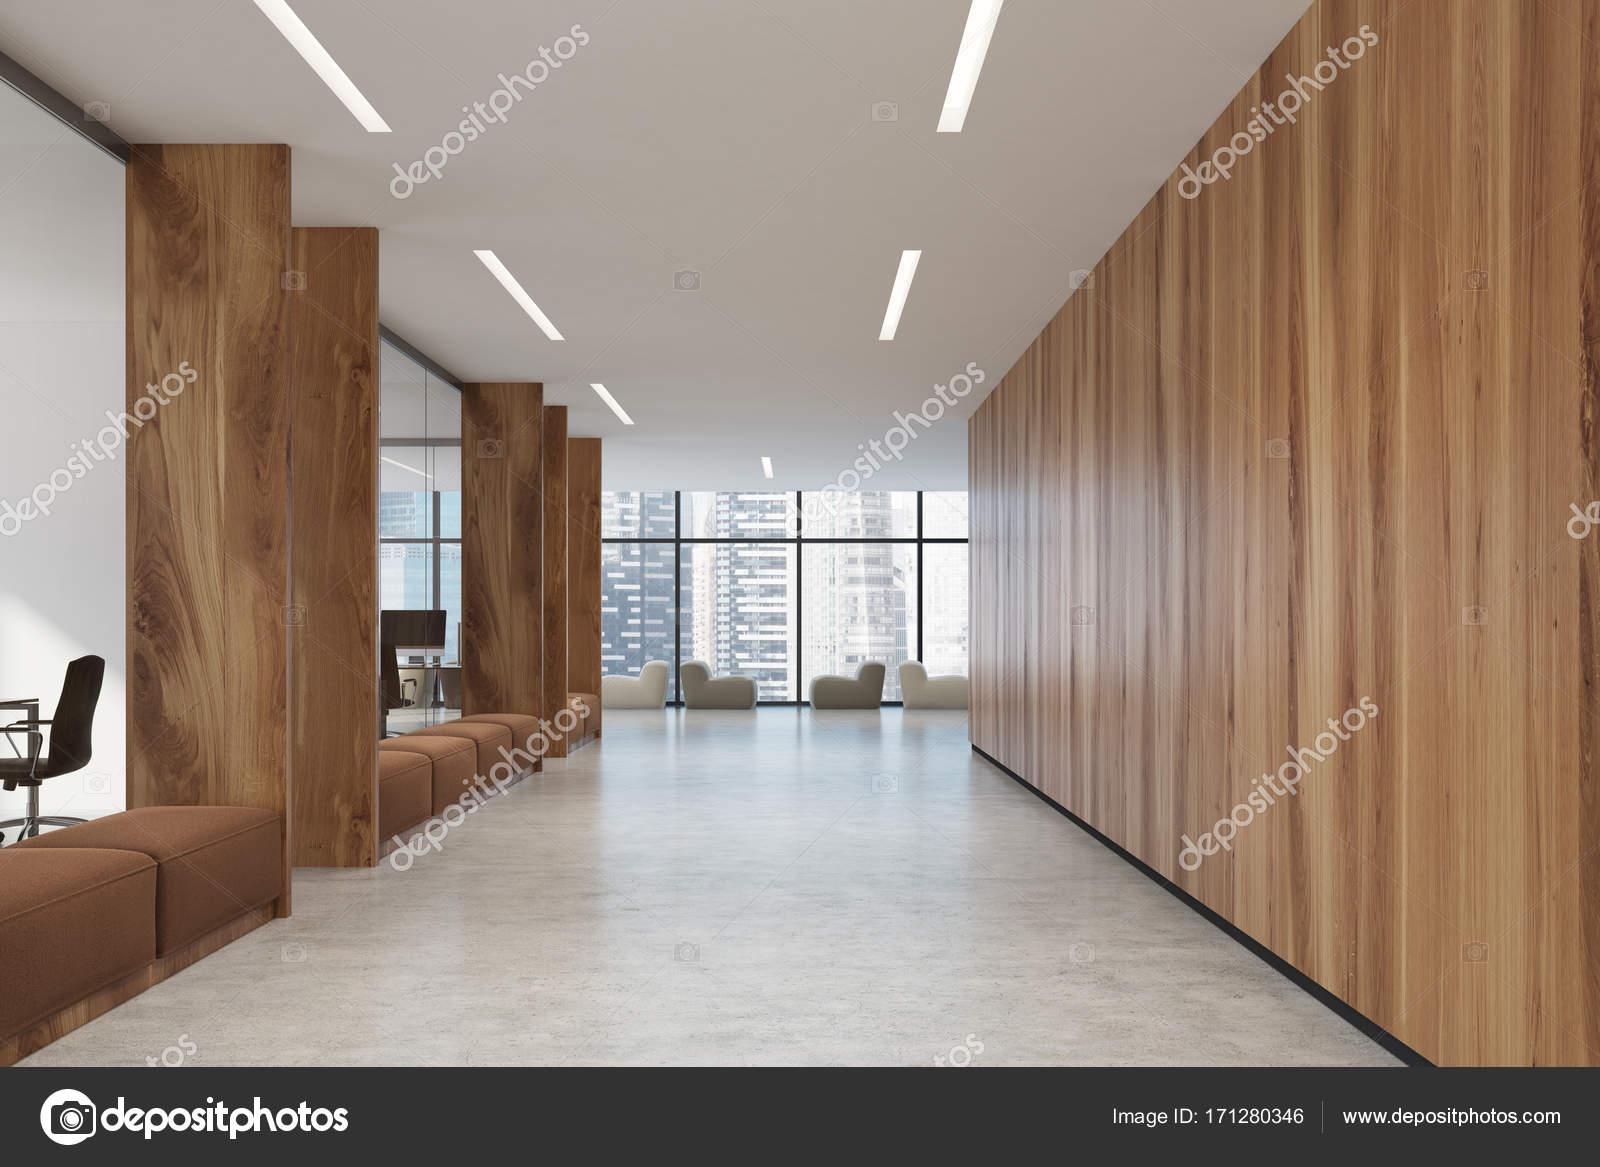 Poltrone Ingresso Ufficio : Divani di corridoio marrone di ufficio in legno u foto stock